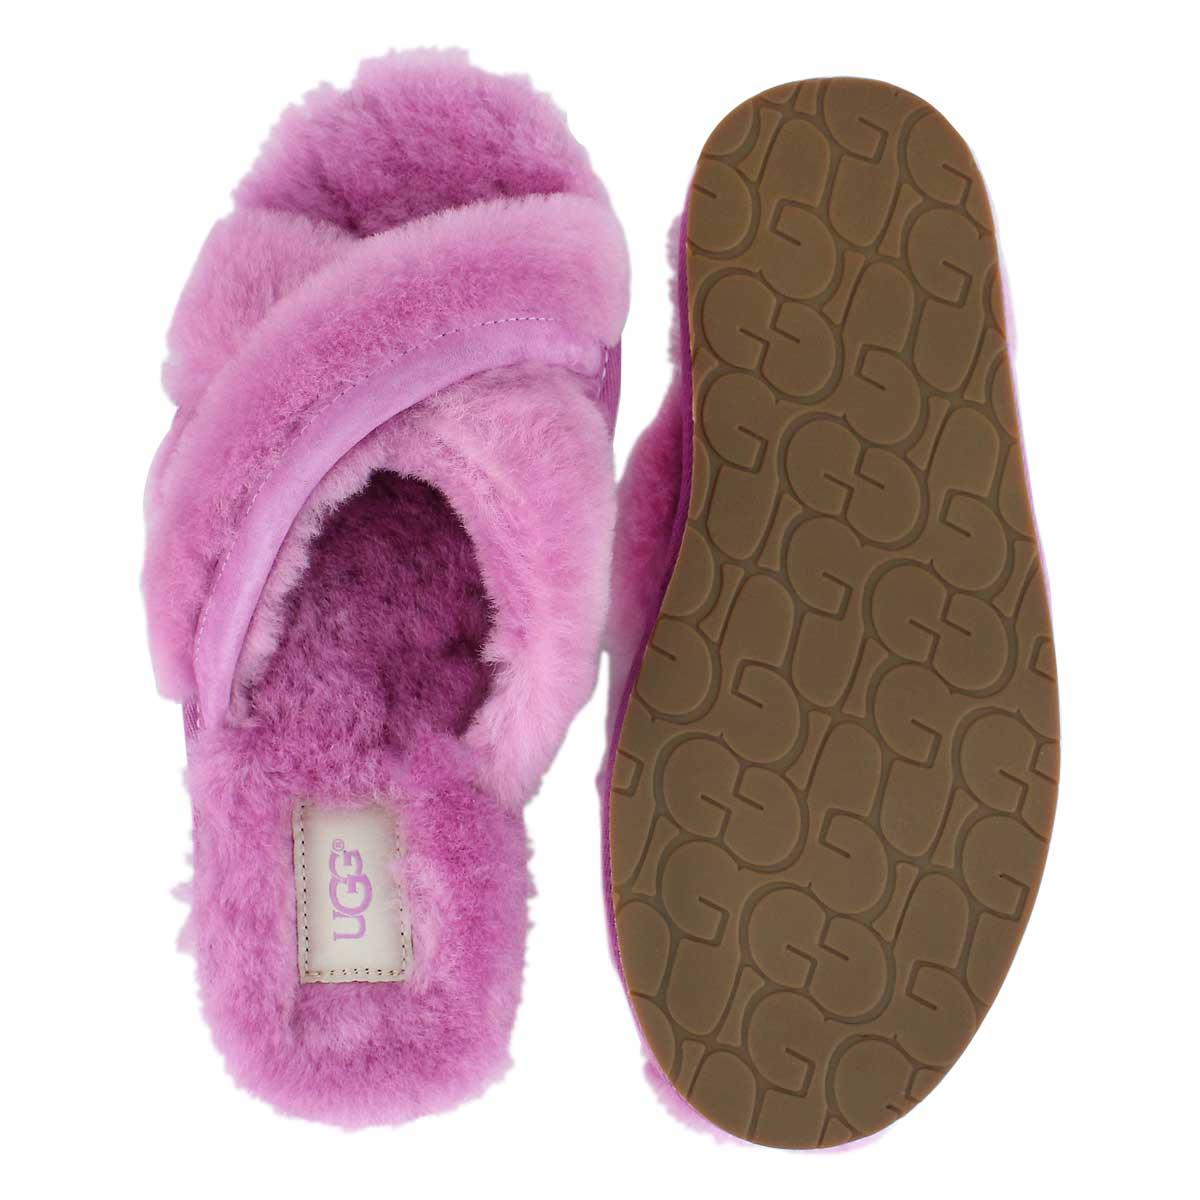 Lds Abela bodcaious sheepskin slipper